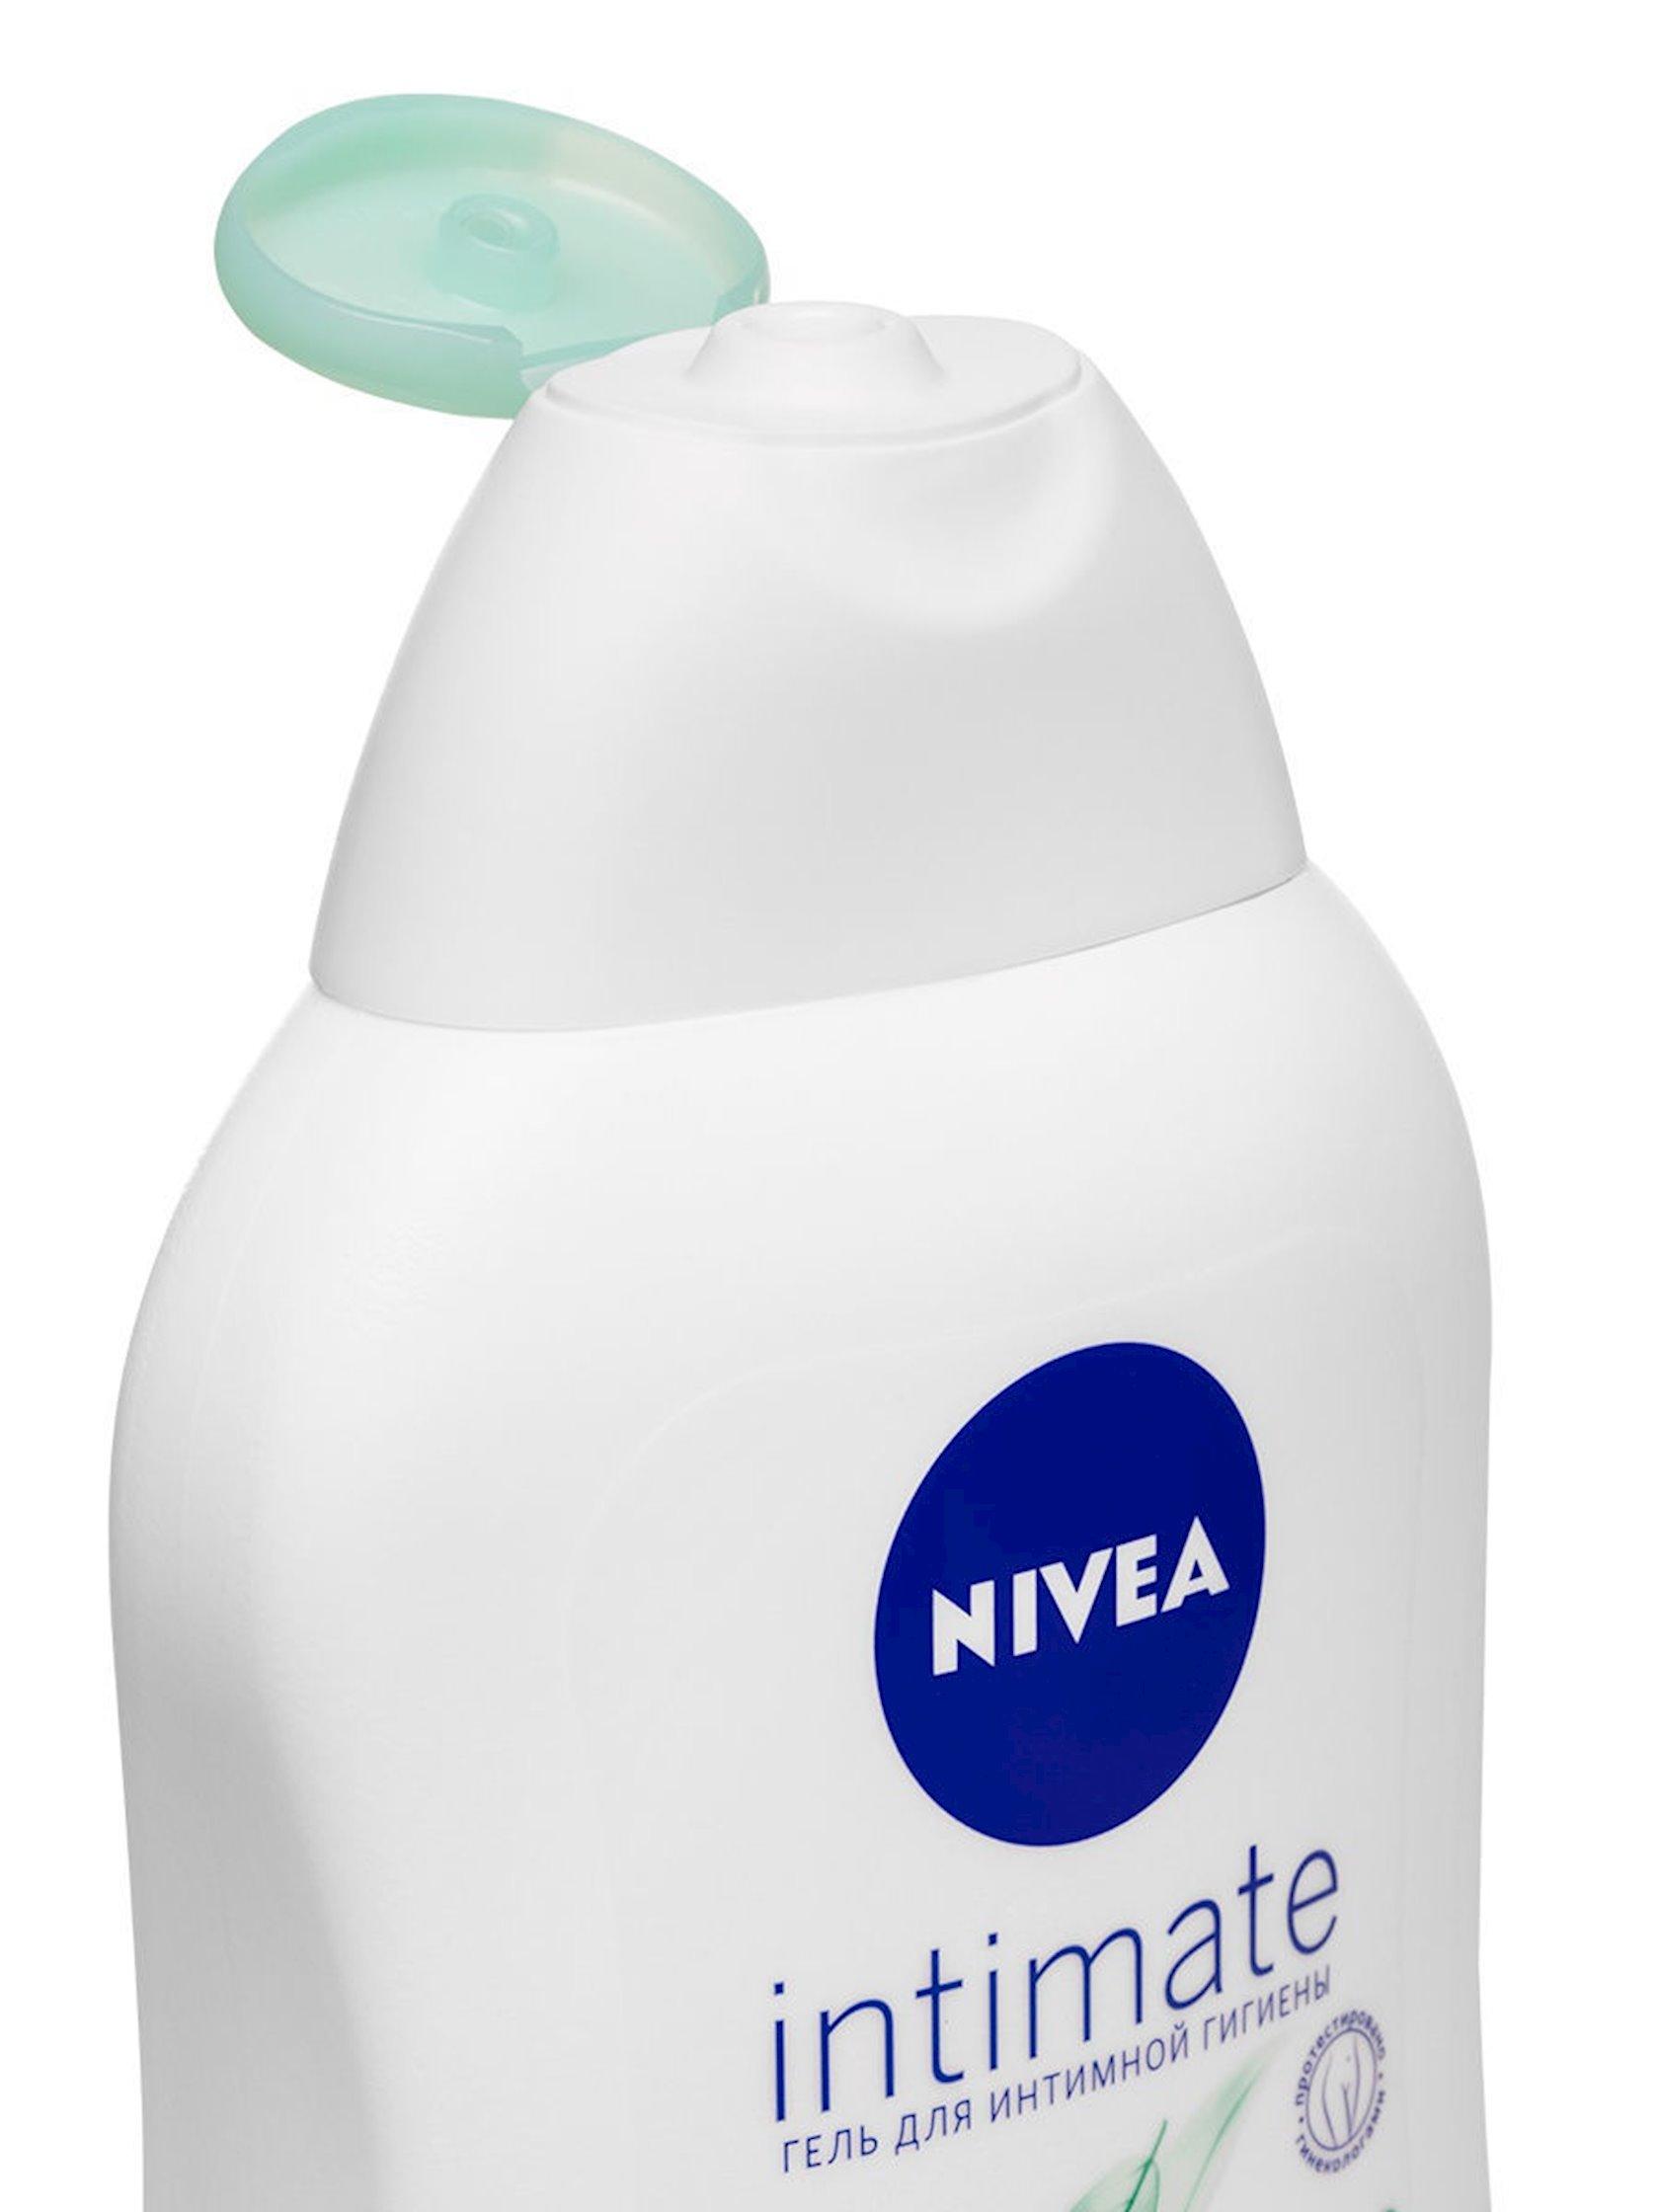 İntim gigiyena üçün gel Nivea Intimate Mild Comfort çobanyastığı ilə 250 ml